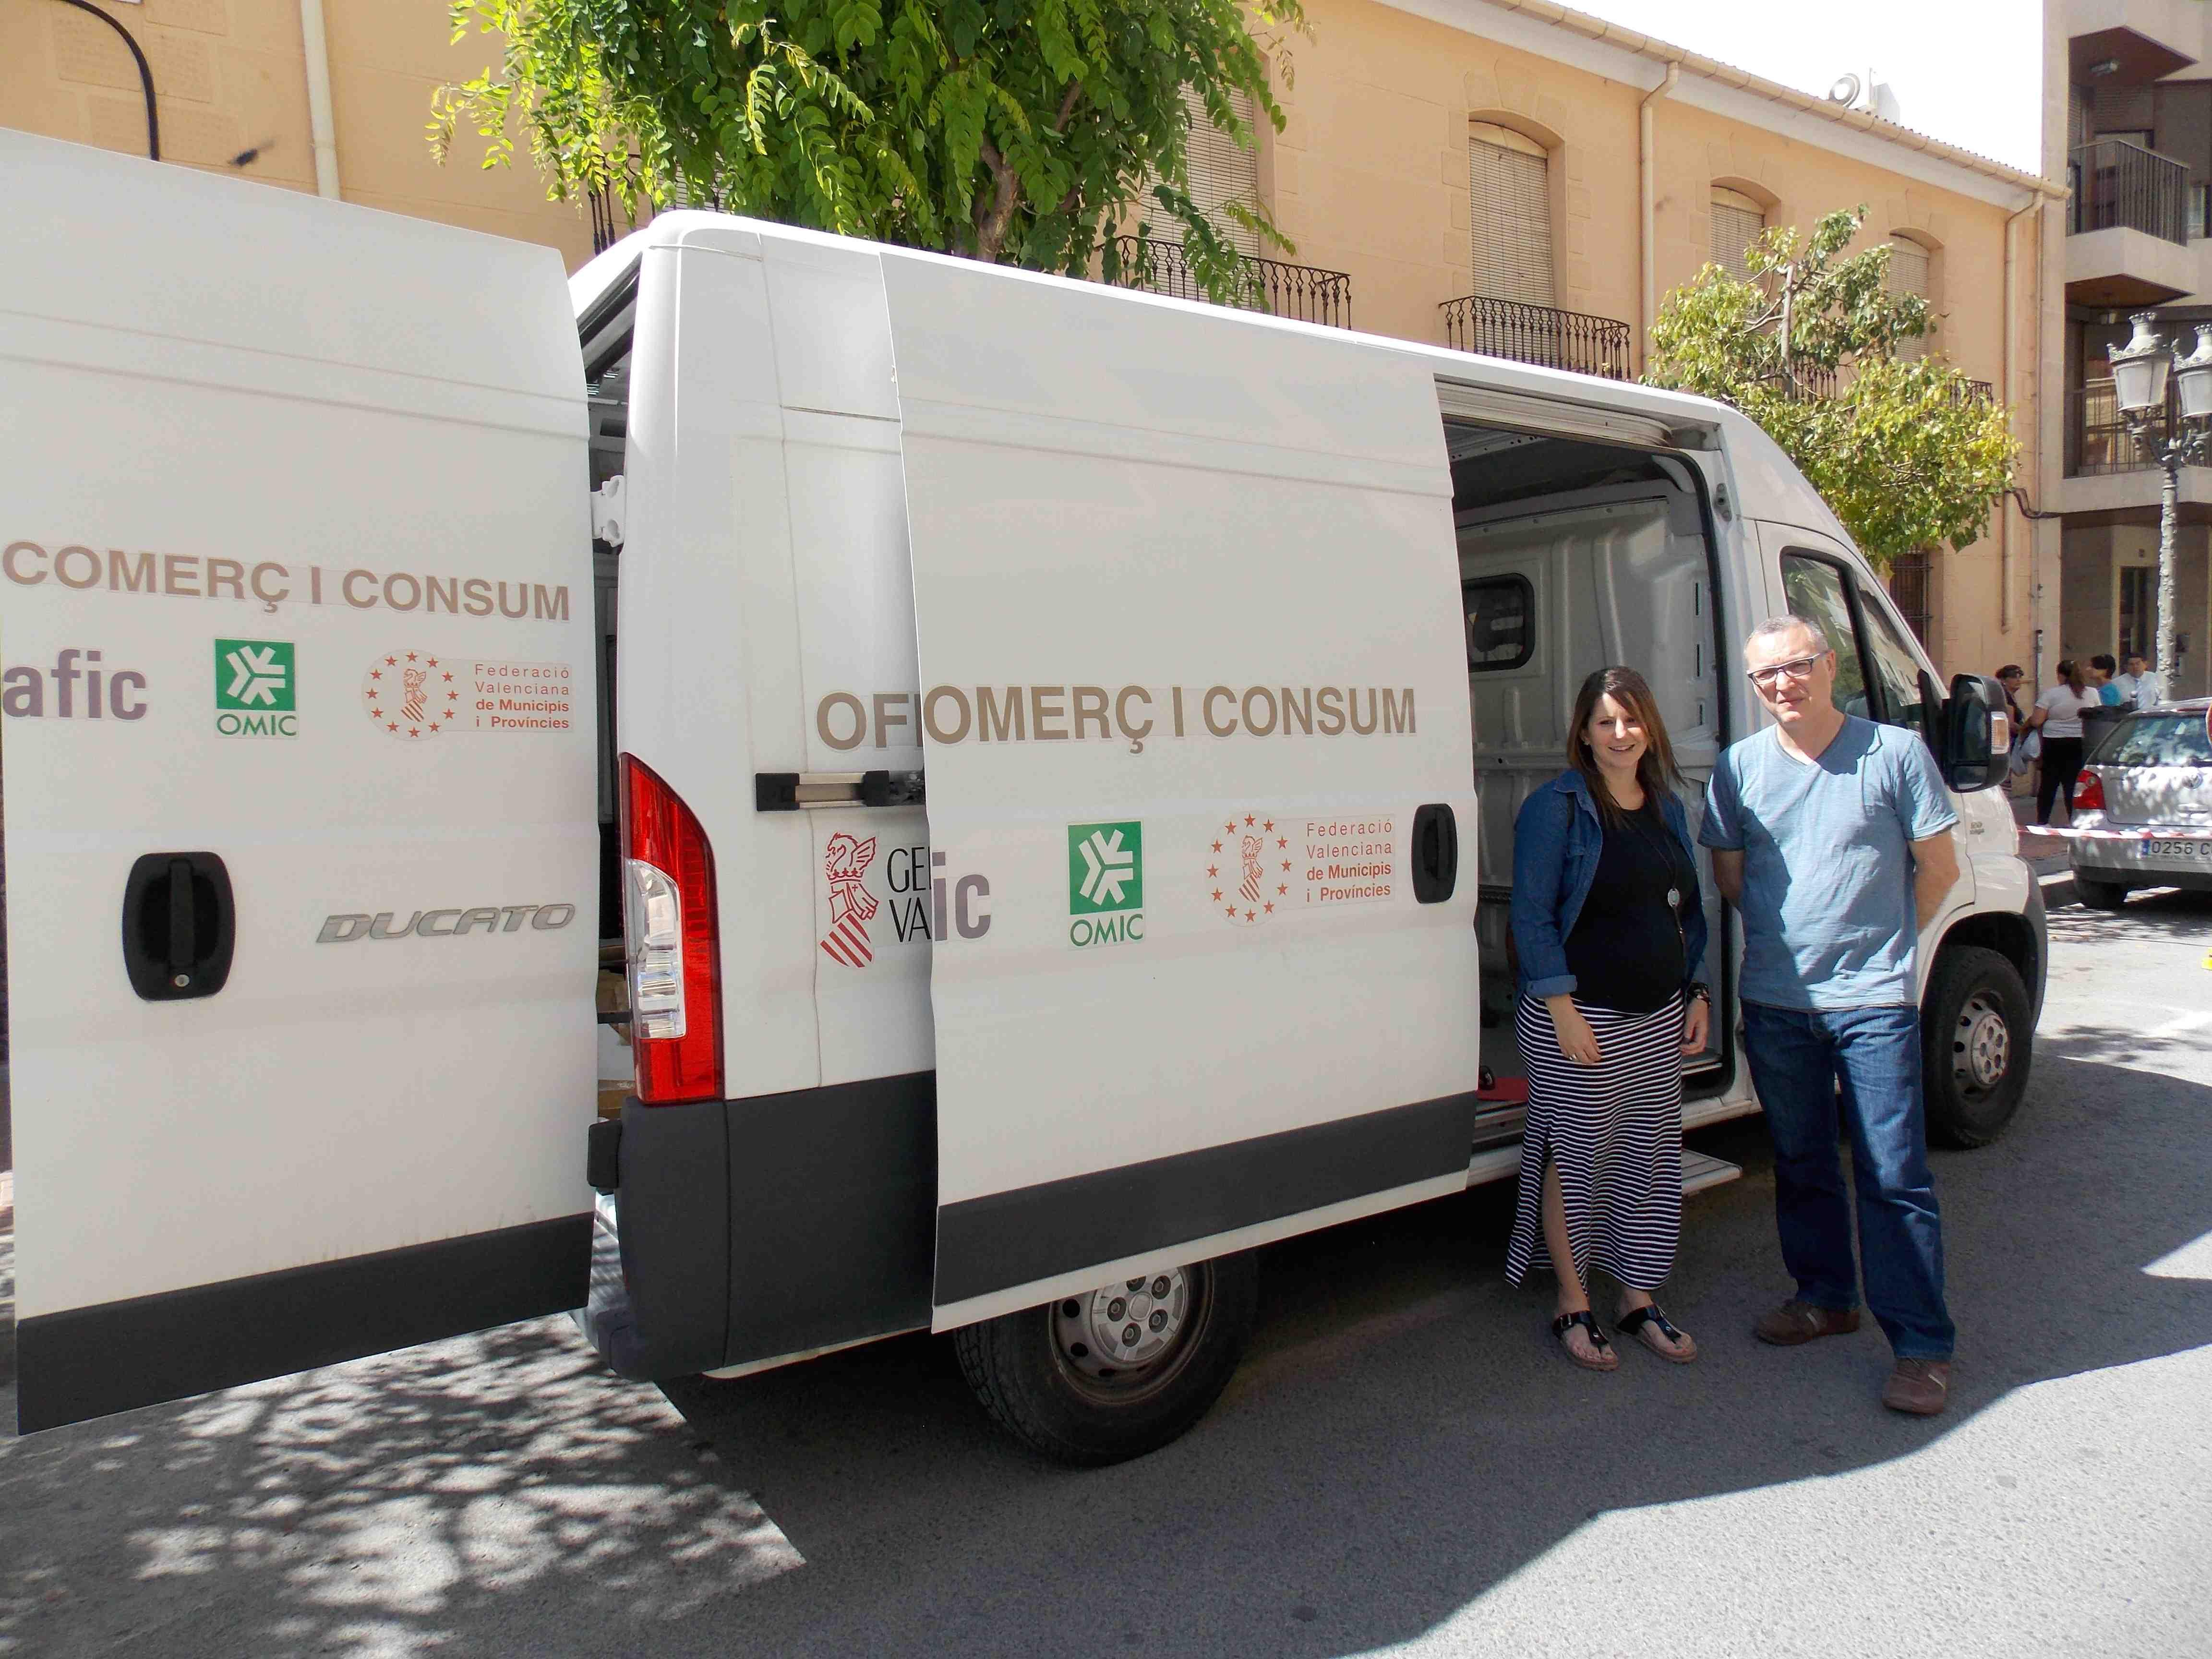 Satisfacci n en onil por la buena acogida de la oficina for Oficina consumidor valencia